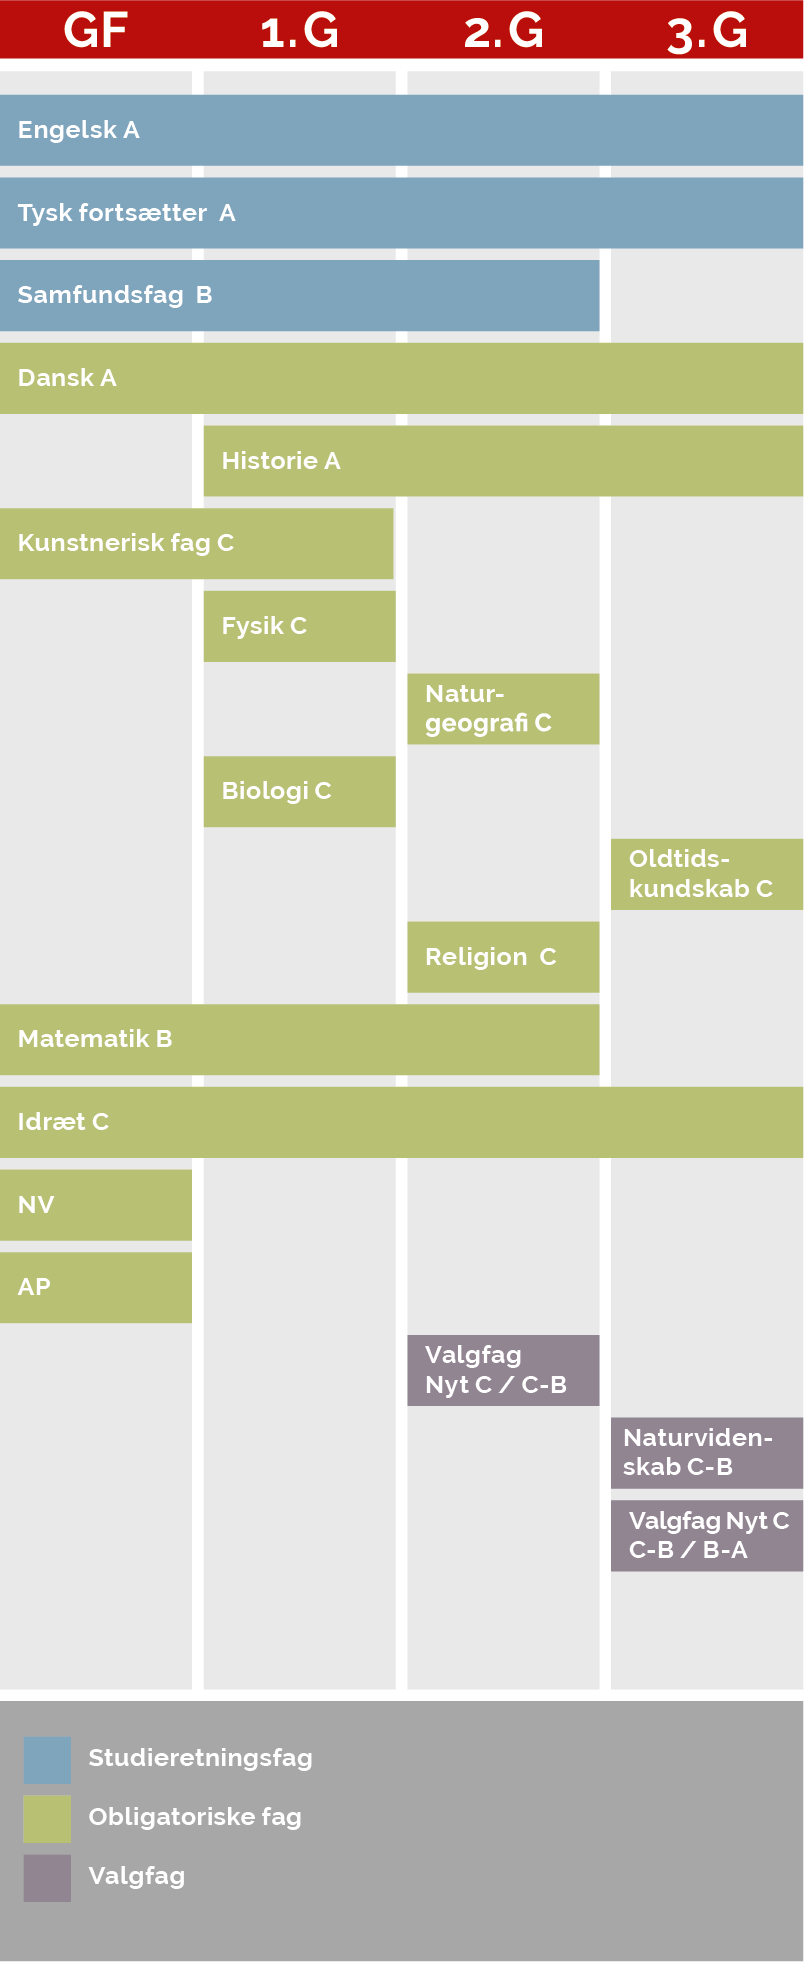 En grafisk model der viser, hvornår du har hvilke fag på denne studieretning. Af modellen fremgår følgende:  Engelsk og tysk fortsætter på A-niveau, som er to studieretningsfag, har du både i  grundforløb,1g., 2.g og 3.g. Samfundsfag på B-niveau, som er dit tredje studieretningsfag, har du i grundforløb, 1.g og 2.g. Dansk på A-niveau, som er et obligatorisk fag, har du både i grundforløb, 1.g, 2.g og 3.g. Historie på A-niveau, som er et obligatorisk fag, har du i 1.g, 2.g og 3.g. Kunstnerisk fag på C-niveau, som er et obligatorisk fag, har du i grundforløb og 1.g. Fysik og biologi på C-niveau, som er obligatoriske fag, har du kun i 1.g. Naturgeografi og religion på C-niveau, som er obligatoriske fag, har du i 2.g.  Oldtidskundskab på C-niveau, som er et obligatorisk fag, har du i 3.g Matematik på B-niveau, som er et obligatorisk fag, har du i grundforløb, 1.g og 2.g. Idræt på C-niveau, som er et obligatorisk fag, har du i grundforløb, 1.g, 2.g og 3.g. NV og AP, som er obligatoriske fag, har du kun i grundforløb. I 2.g har du et valgfag, som enten er et nyt C-niveau-fag eller et fag, du hæver fra C-niveau til B-niveau. I 3.g skal du hæve et naturvidenskabeligt fag på C-niveau til B-niveau samt enten vælge et nyt valgfag, hæve et valgfag på C-niveau til B-niveau eller hæve et valgfag fra B-niveau til A-niveau.